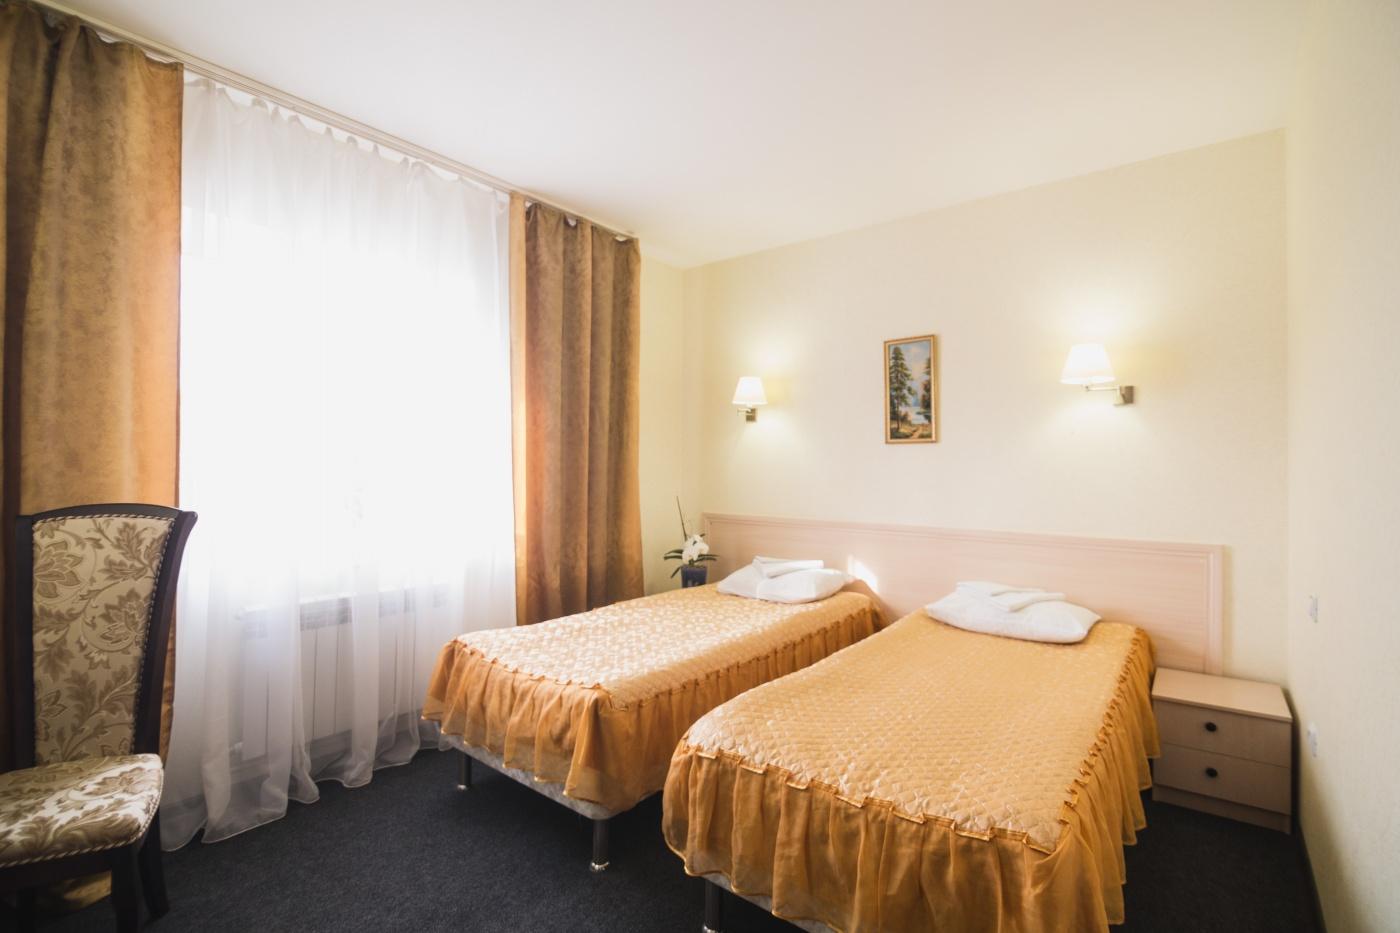 Гостиничный комплекс «Святогор» Владимирская область Двухместный «Стандарт» с 1 или 2 кроватями, фото 7